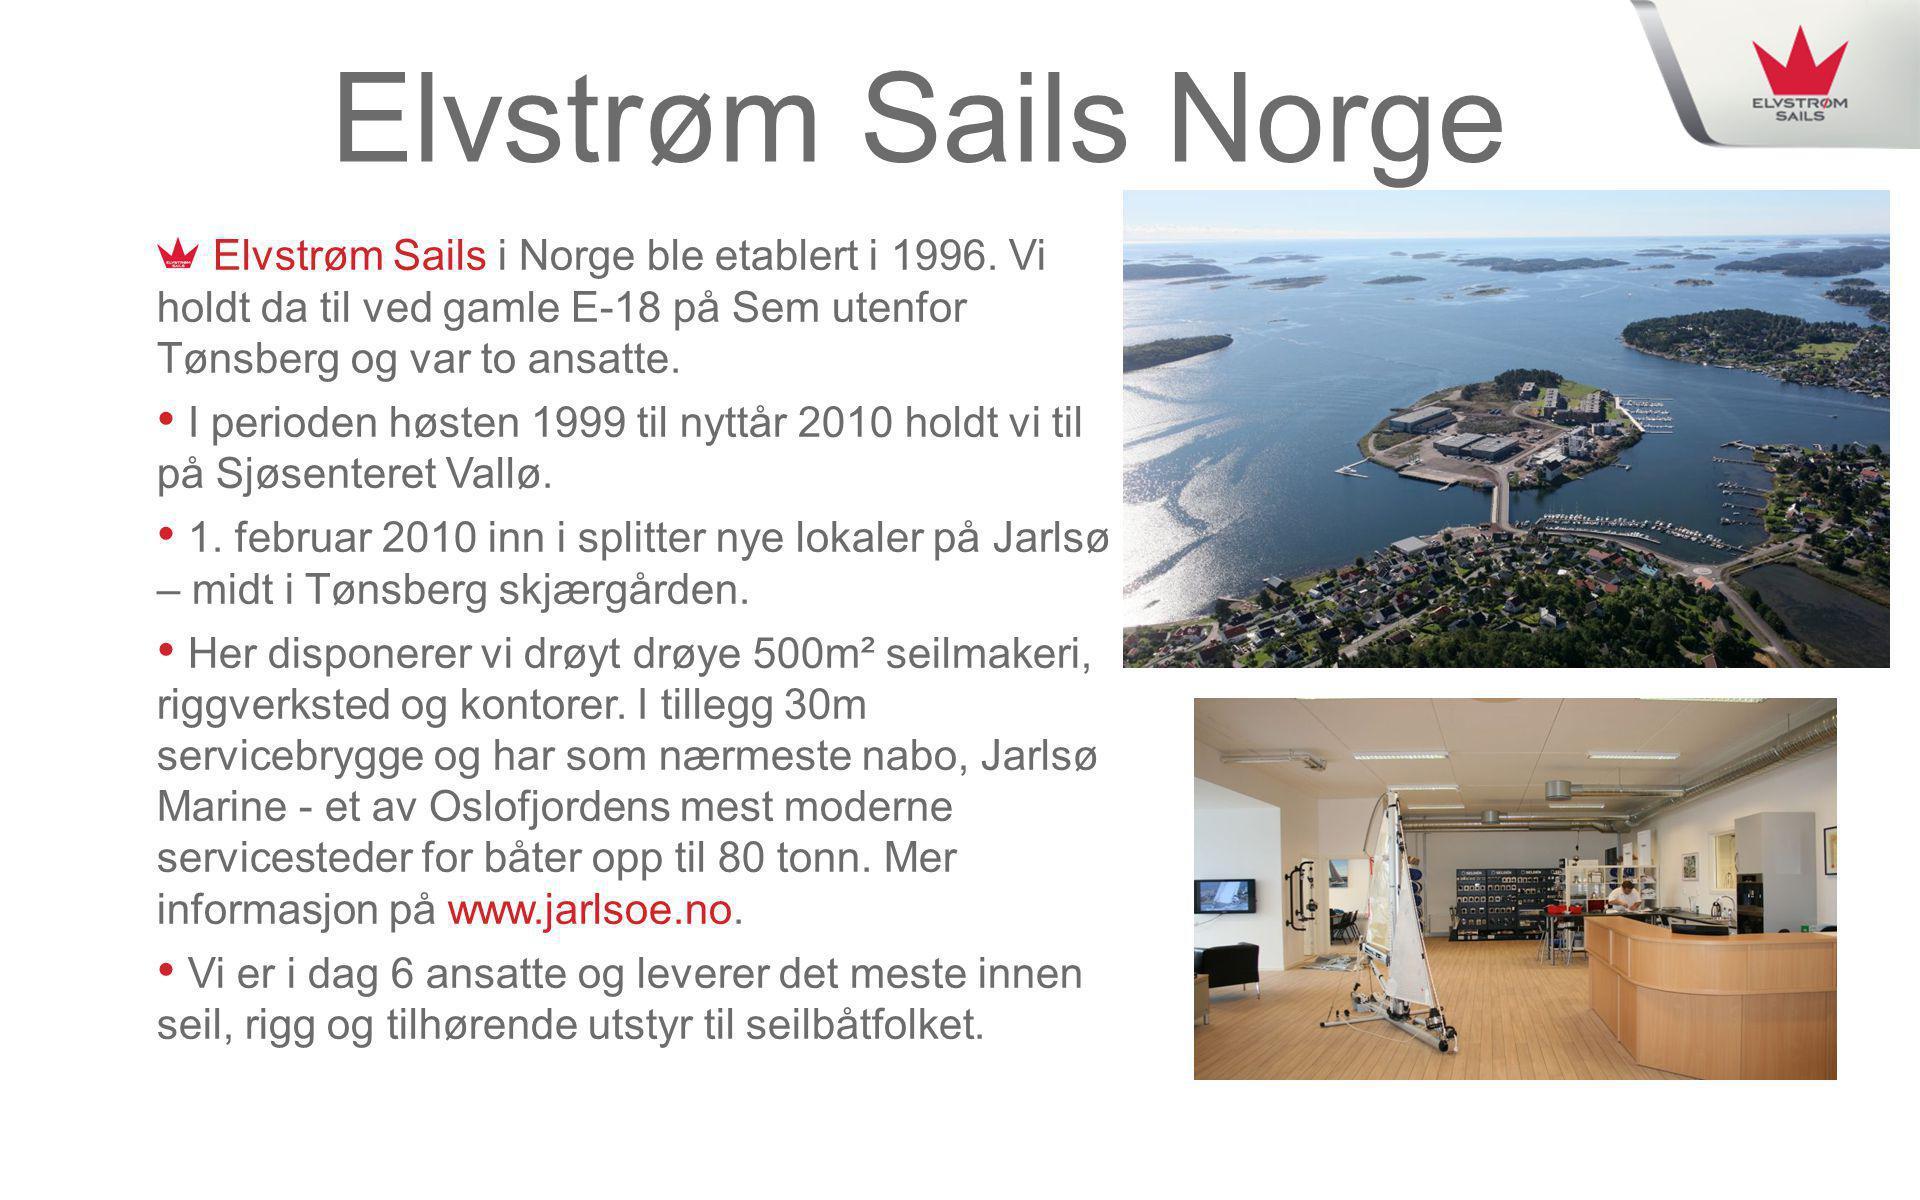 Elvstrøm Sails Norge Elvstrøm Sails i Norge ble etablert i 1996. Vi holdt da til ved gamle E-18 på Sem utenfor Tønsberg og var to ansatte. • I periode